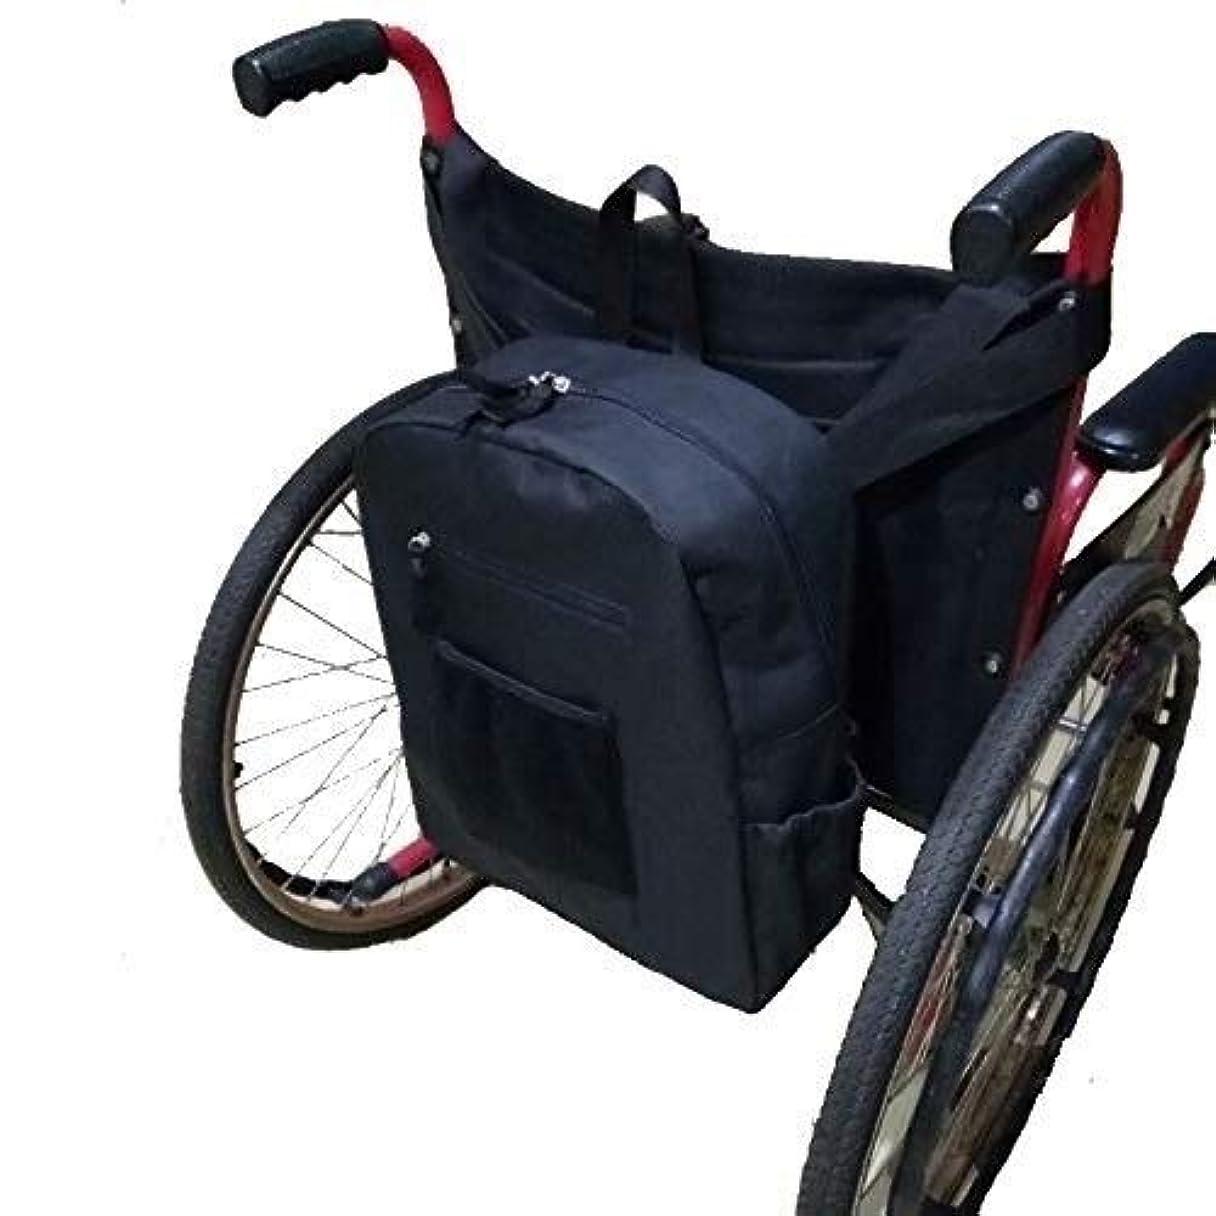 ネコピック注釈車椅子用バッグ、丈夫なオックスフォードの布製の椅子用バッグ車椅子用リュックサックバッグ、高齢者用?身体障害者用 - ほとんどの車椅子用